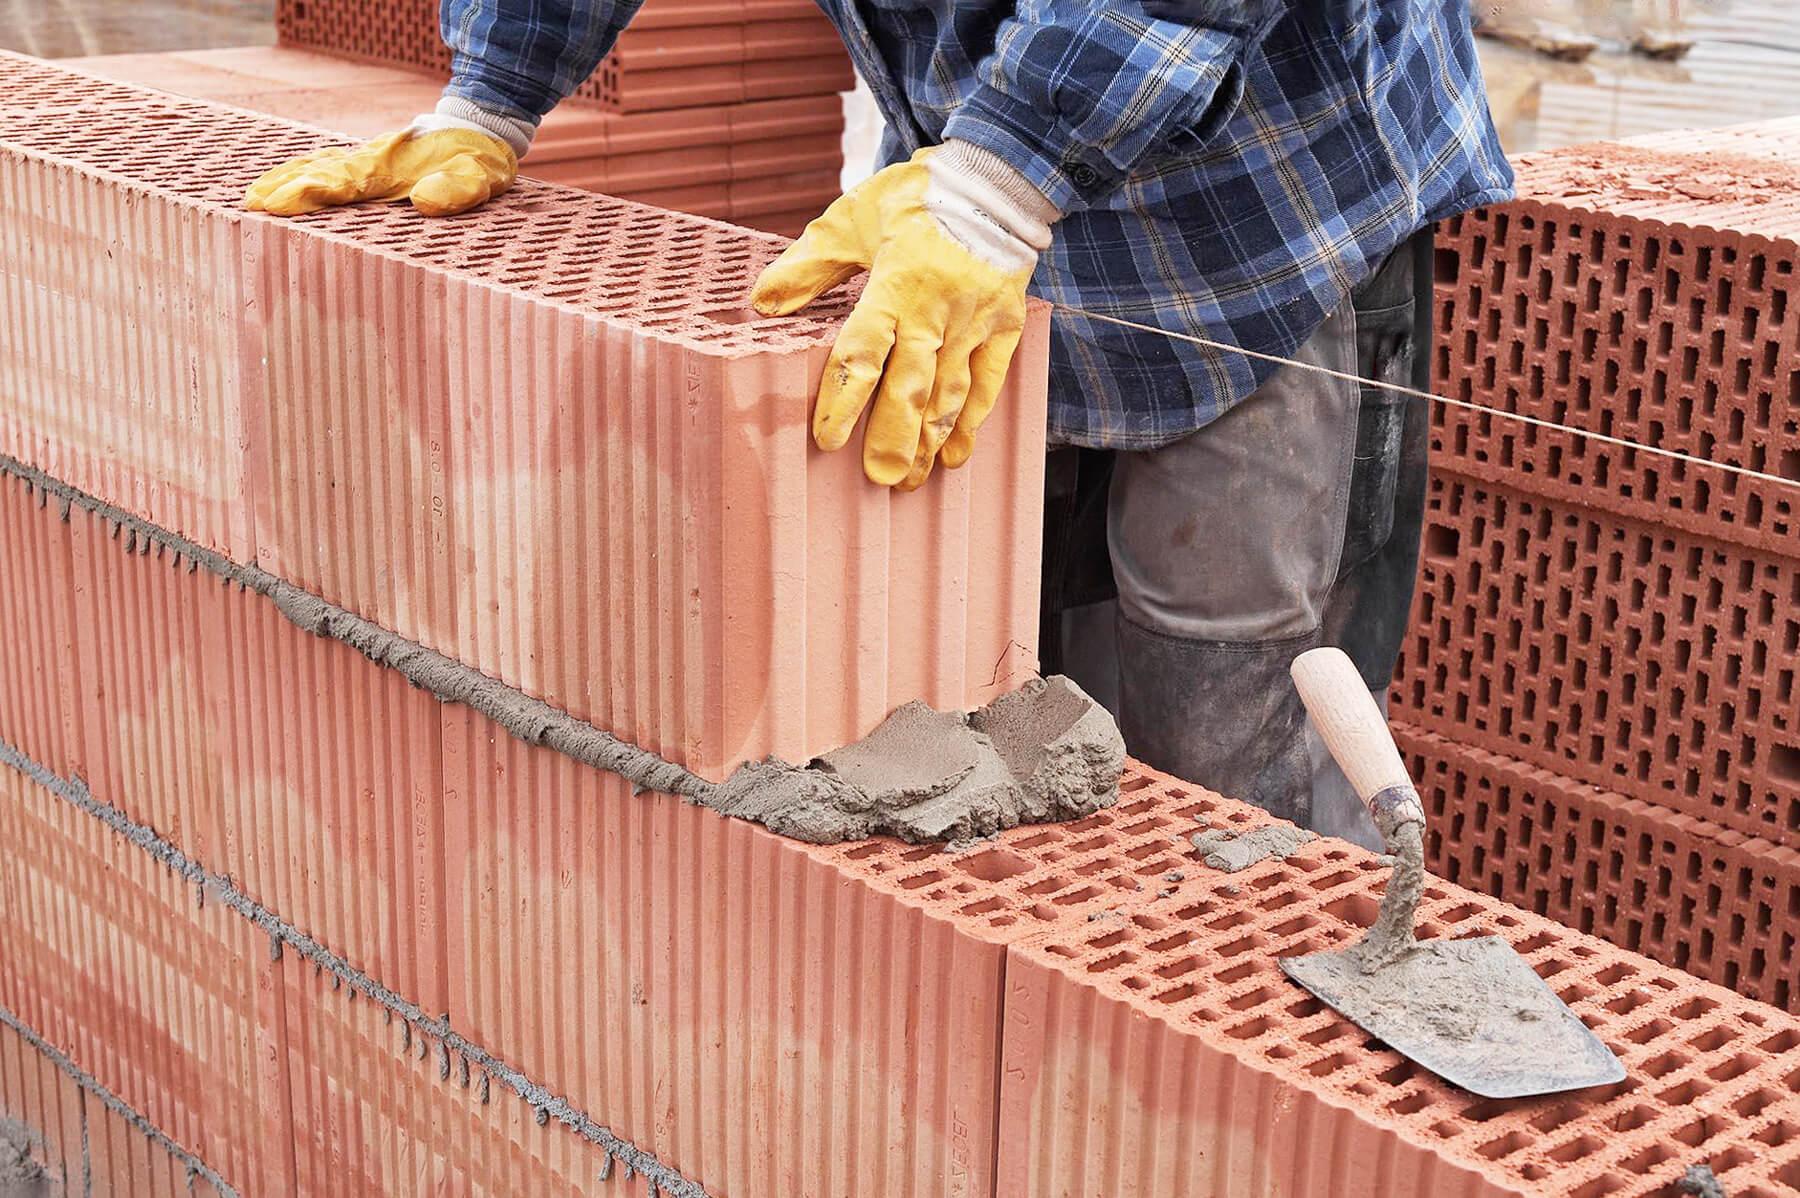 материалы для строительства частного дома | что лучше - камень, керамоблок, пеплоблок, кирпич, сип, дерево?